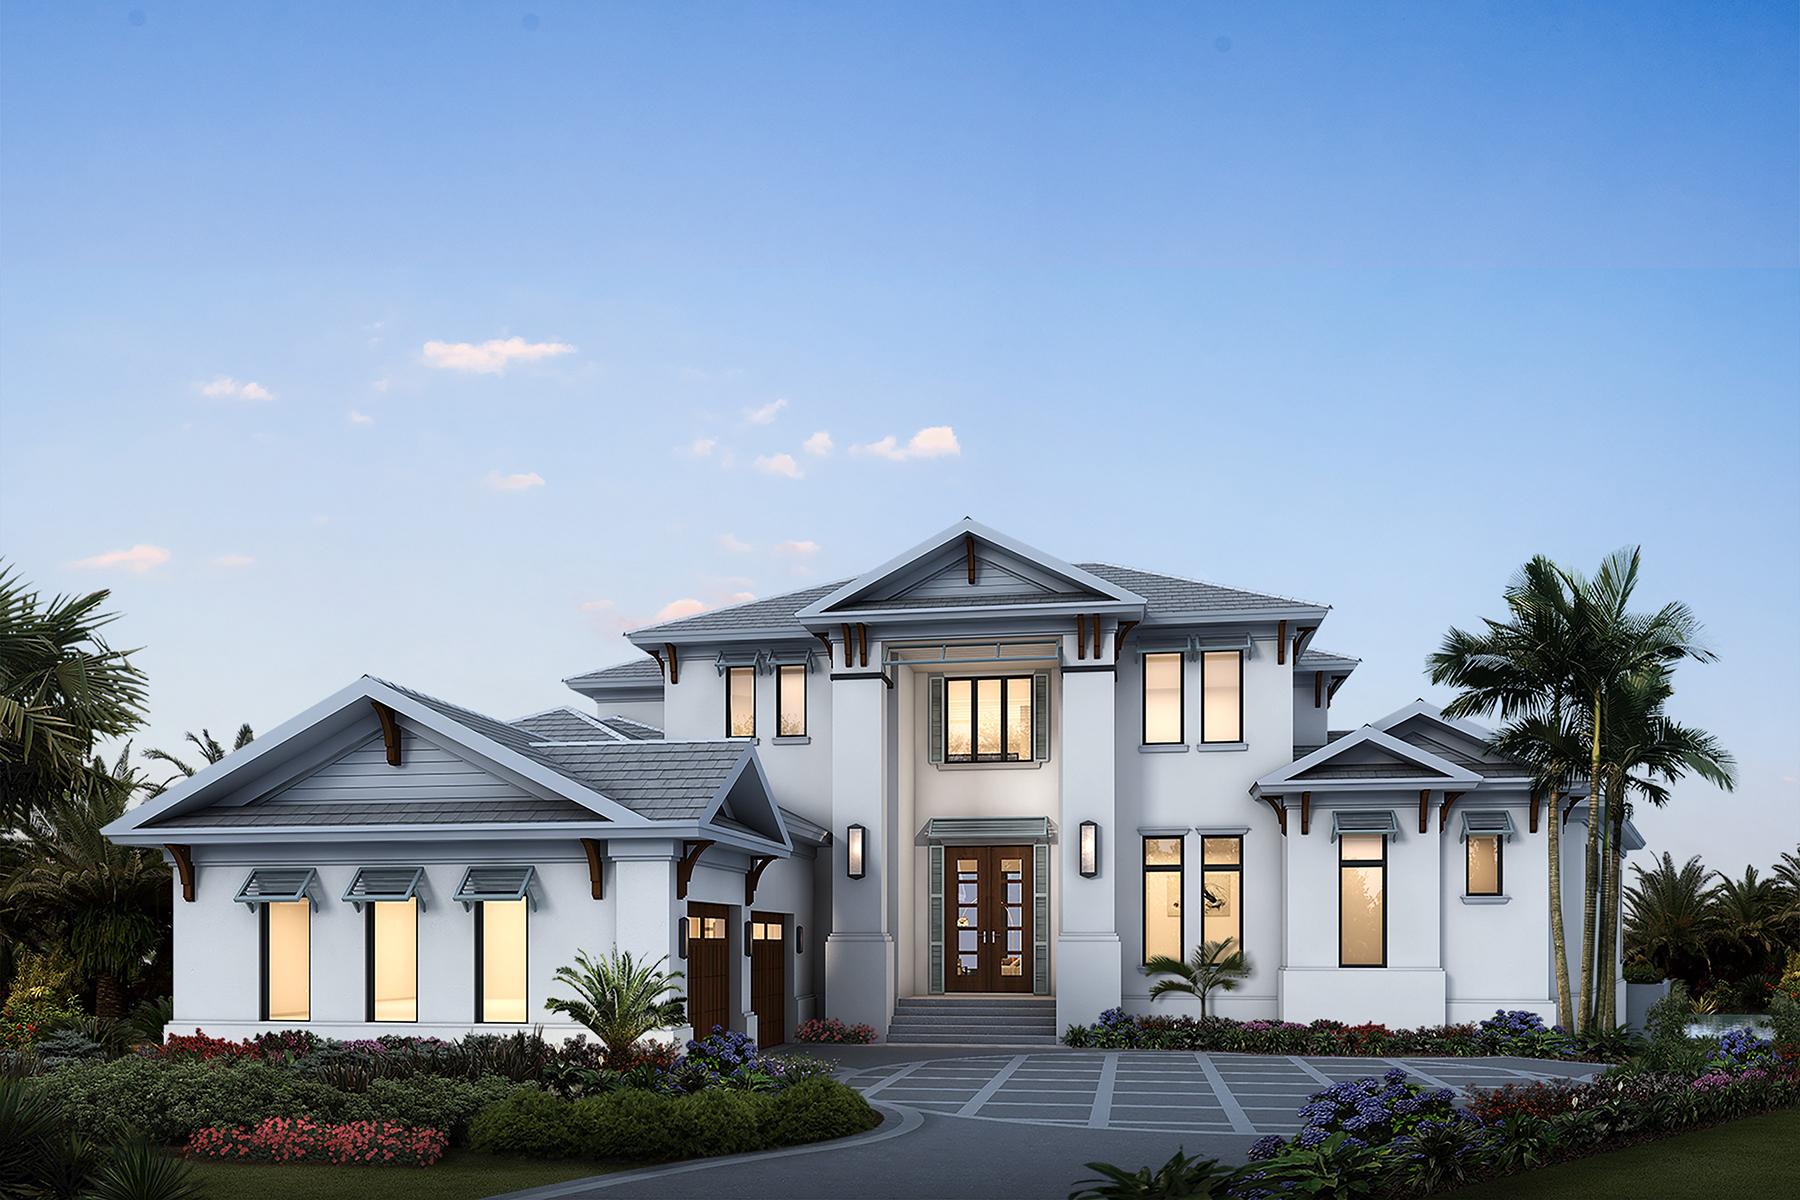 独户住宅 为 销售 在 PARK SHORE 306 Neapolitan Way 那不勒斯, 佛罗里达州, 34103 美国